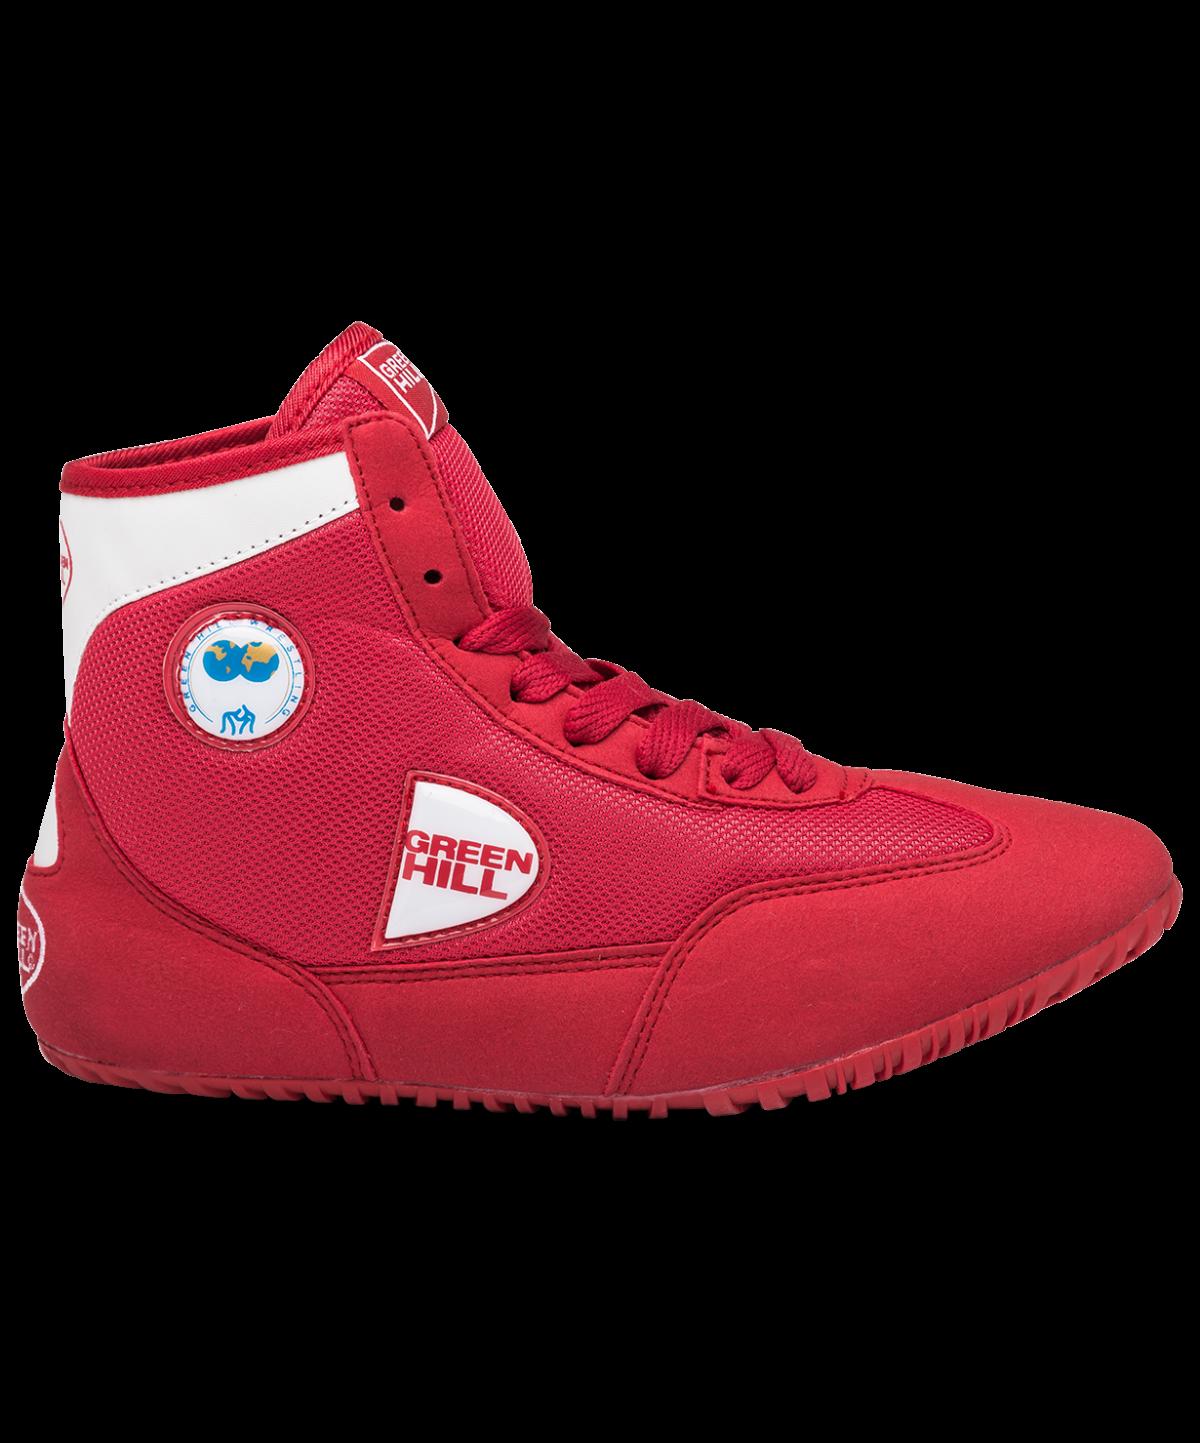 GREEN HILL Обувь для борьбы  GWB-3052/GWB-3055: красный/белый - 3